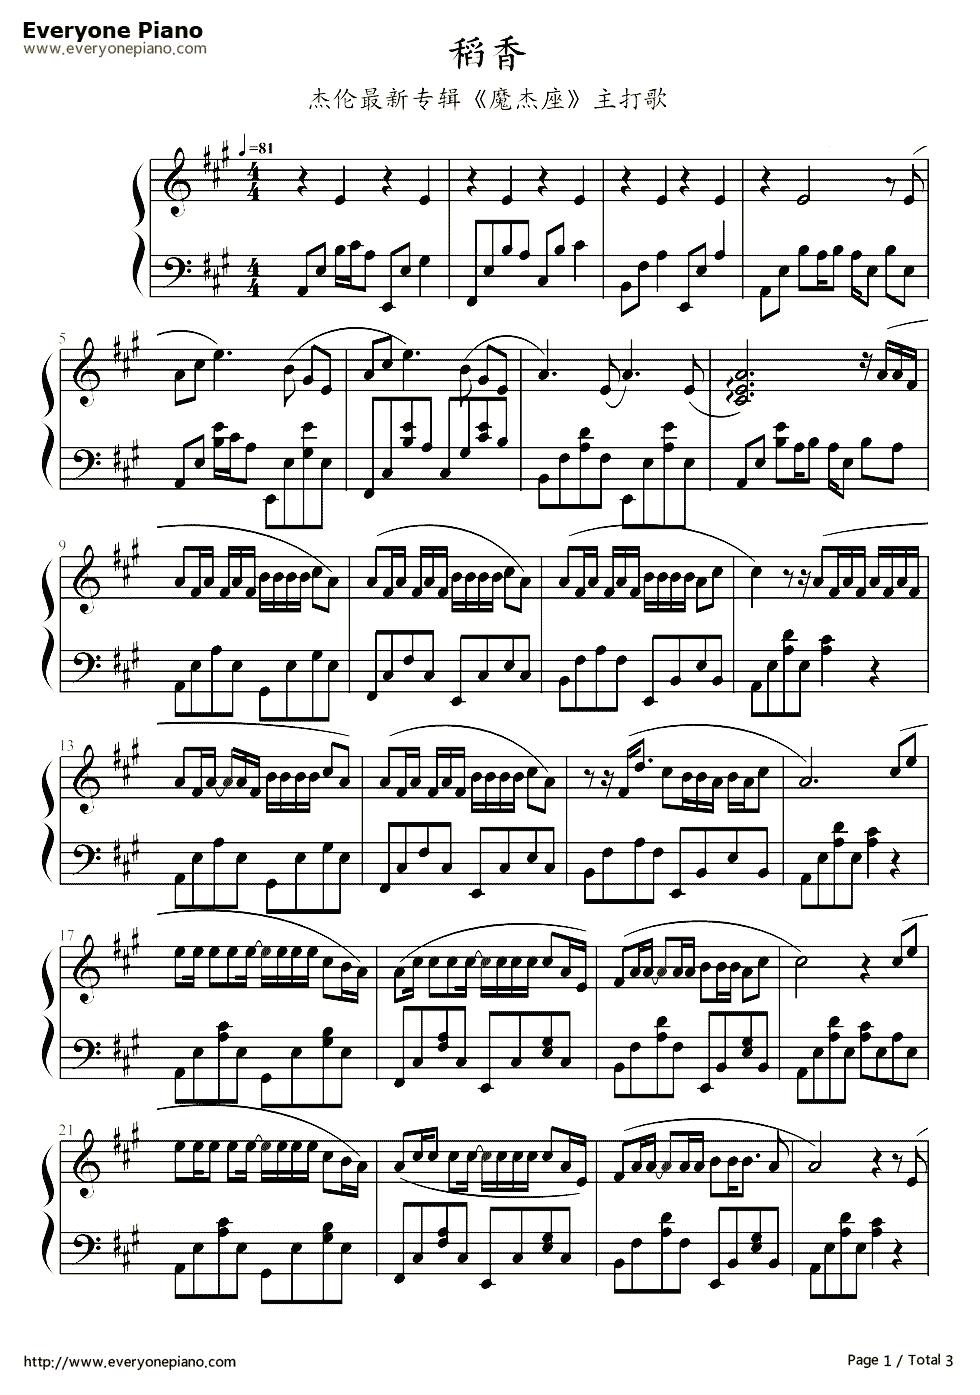 谁有《稻香》的钢琴谱完整版啊?,要完整的啊{要五线谱}谢谢